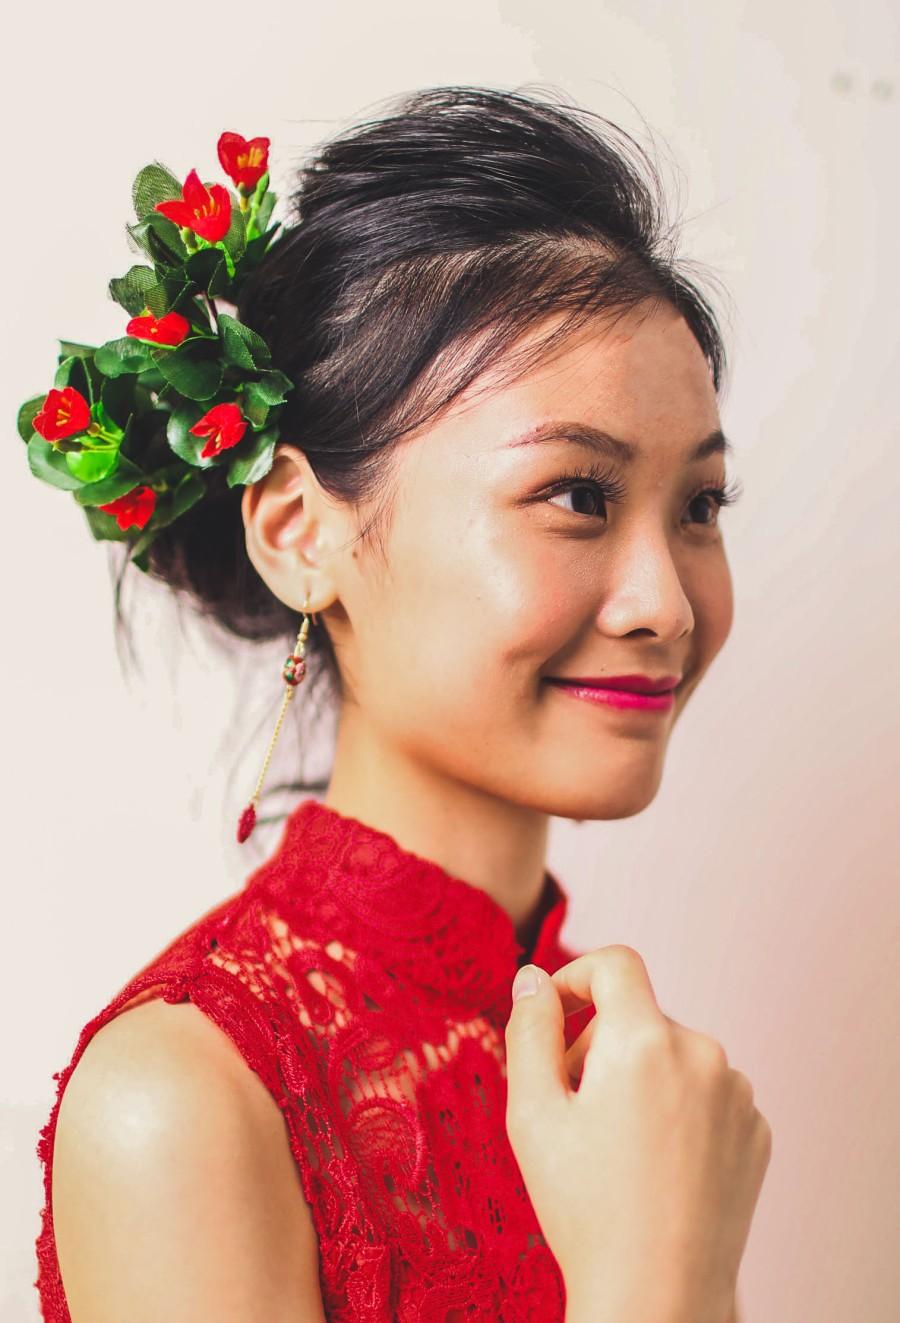 新娘化妝髮型攝影_bridal_wedding_makeup_hairstyling_Top_MUA_paulstylist_photography_hk_Leung-13